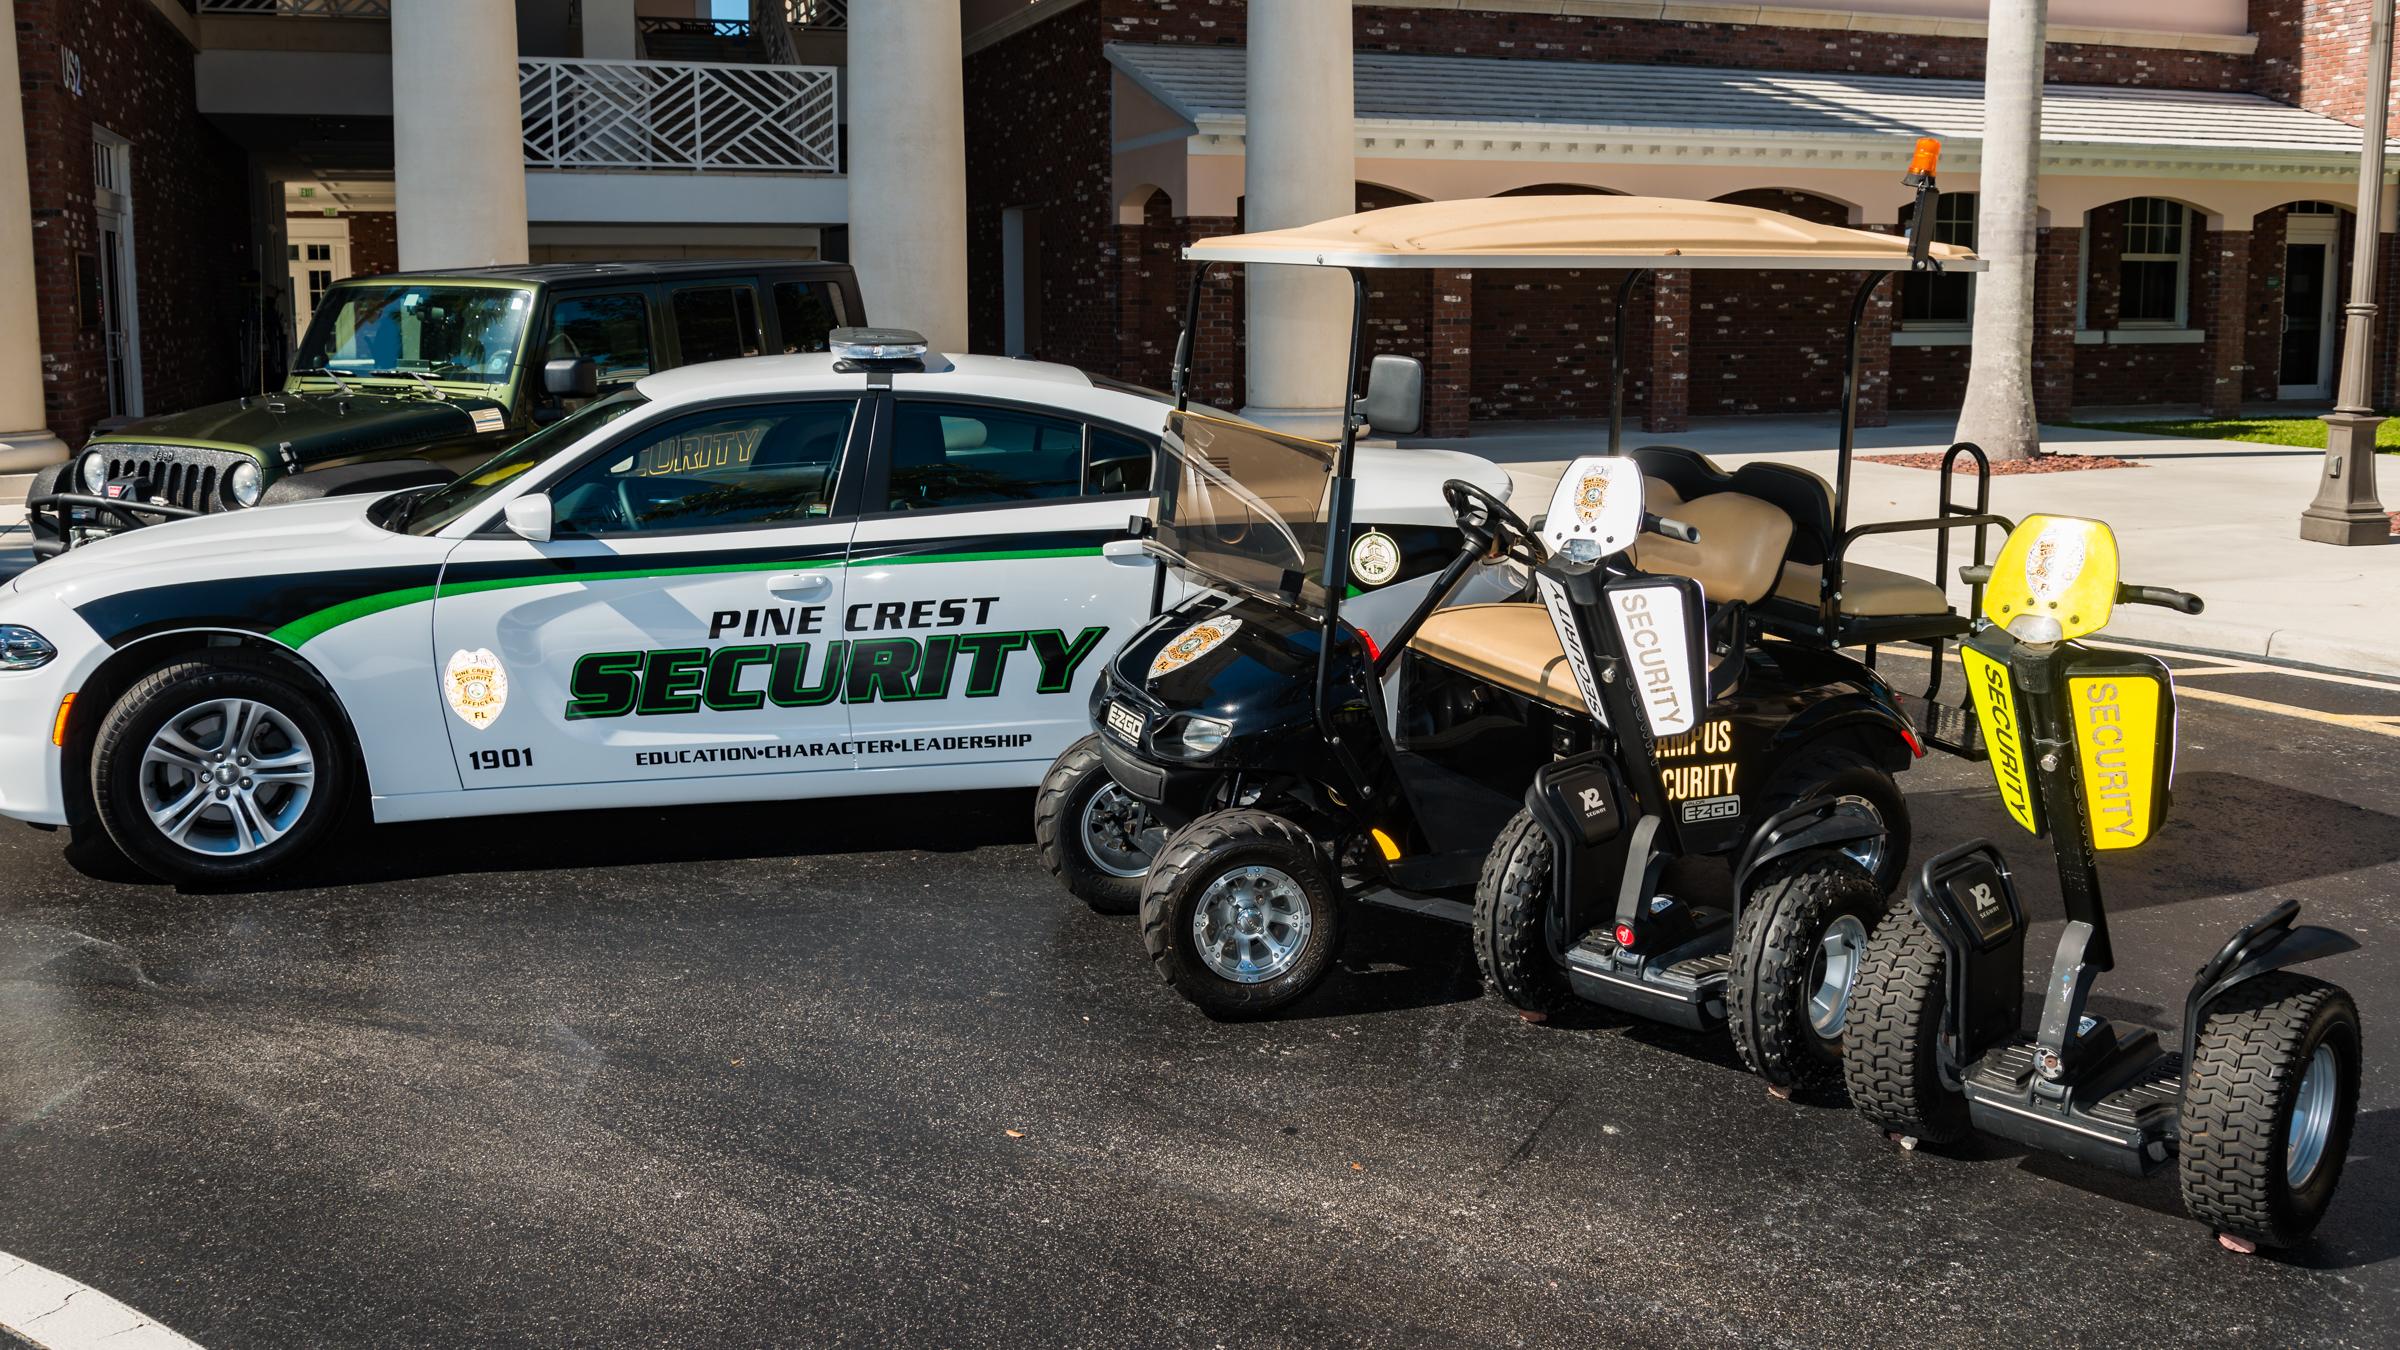 Pine Crest campus security